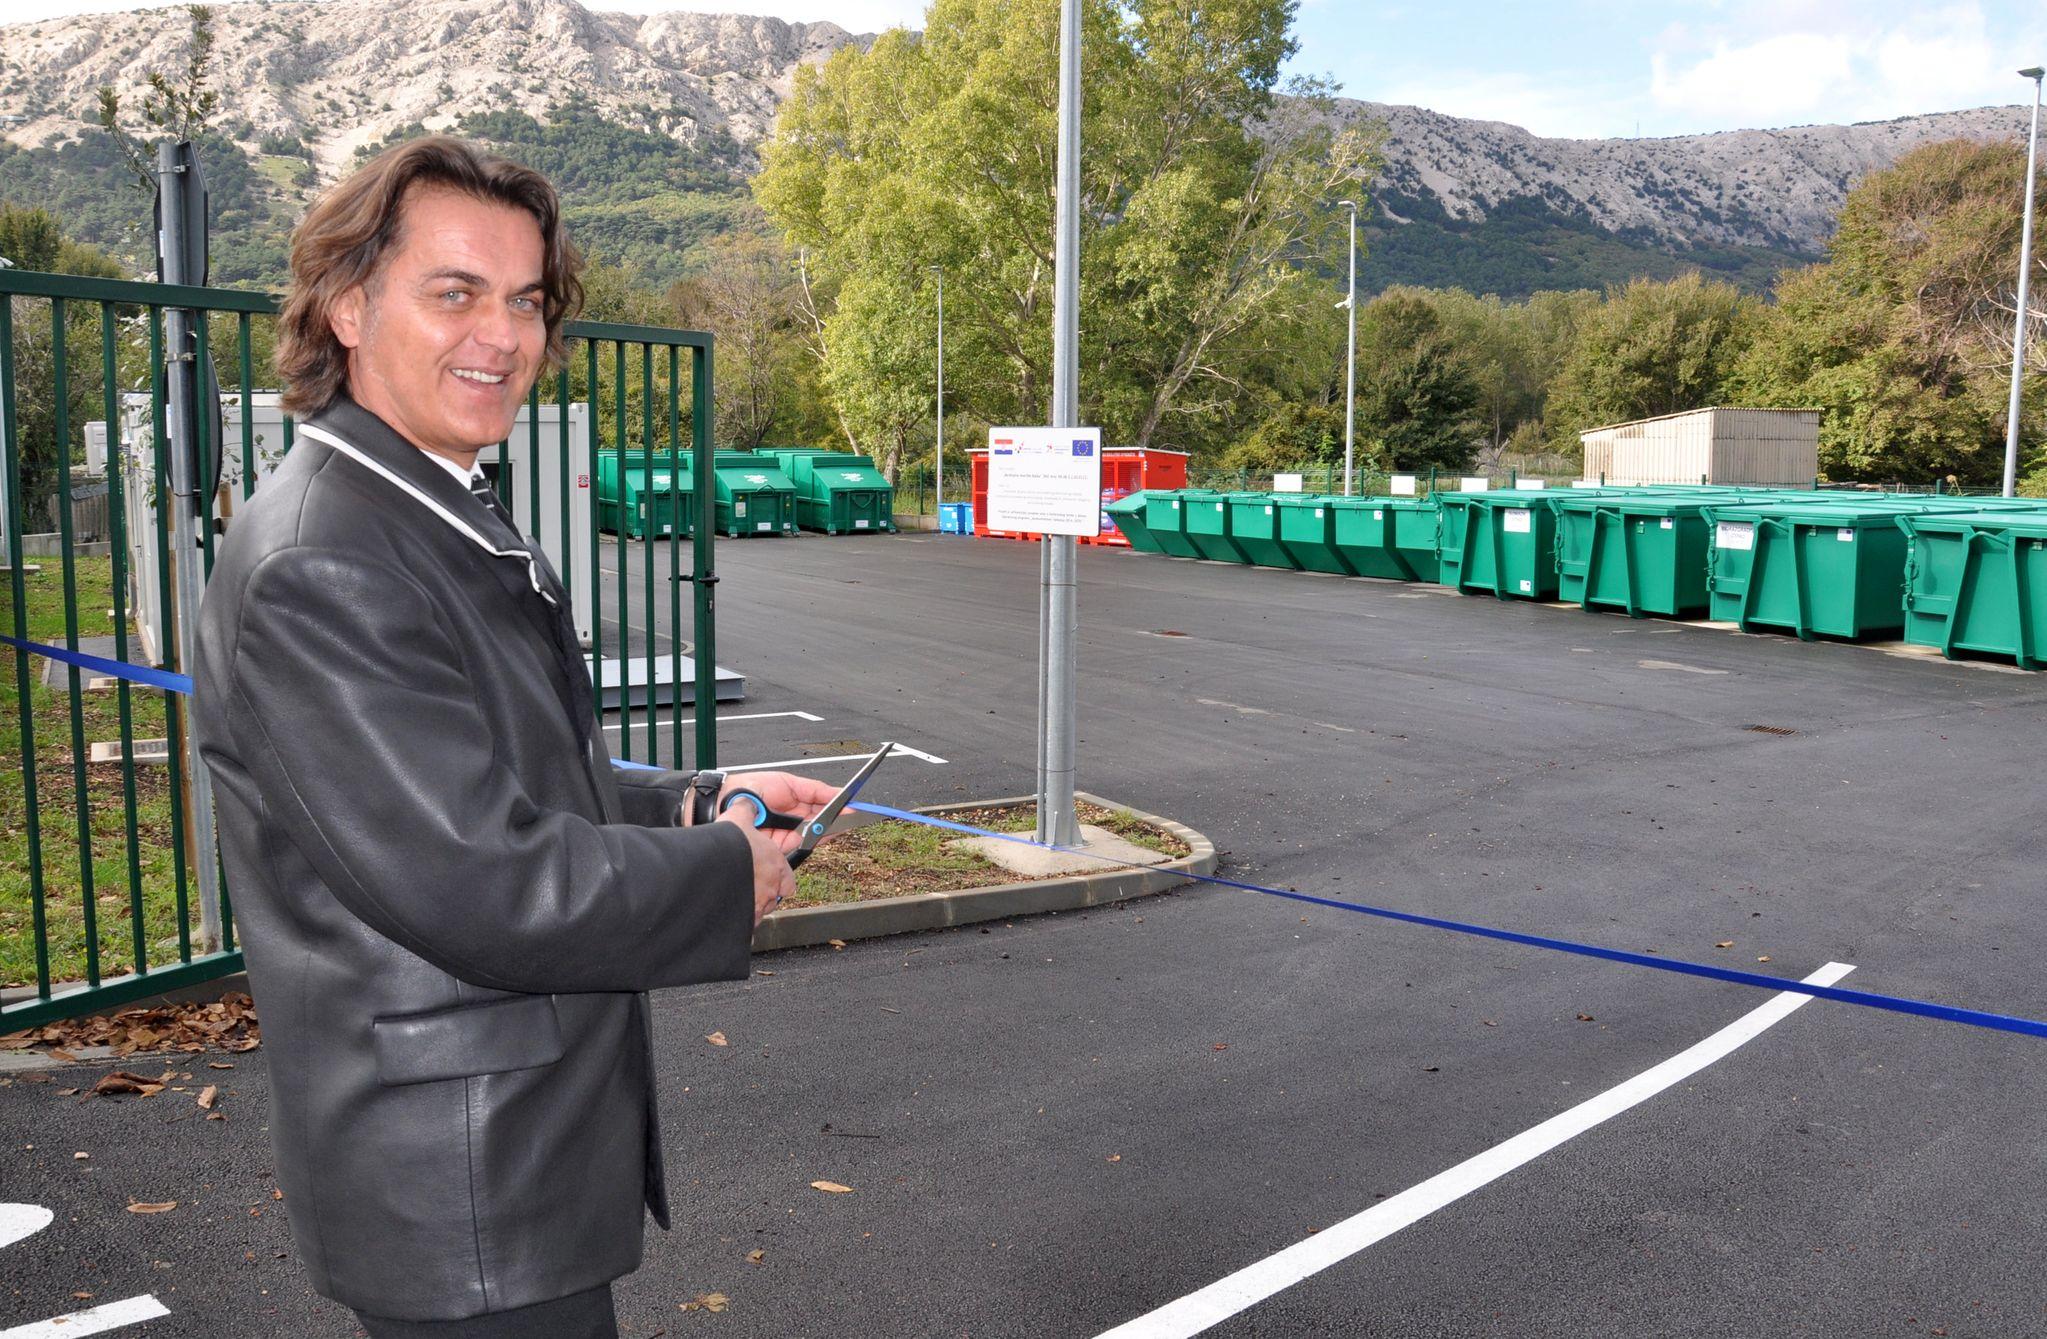 Općinski načelnik Toni Juranić imao je čast presijeći vrpcu na otvaranju novog Reciklažnog dvorišta Baška / Foto Mladen TRINAJSTIĆ